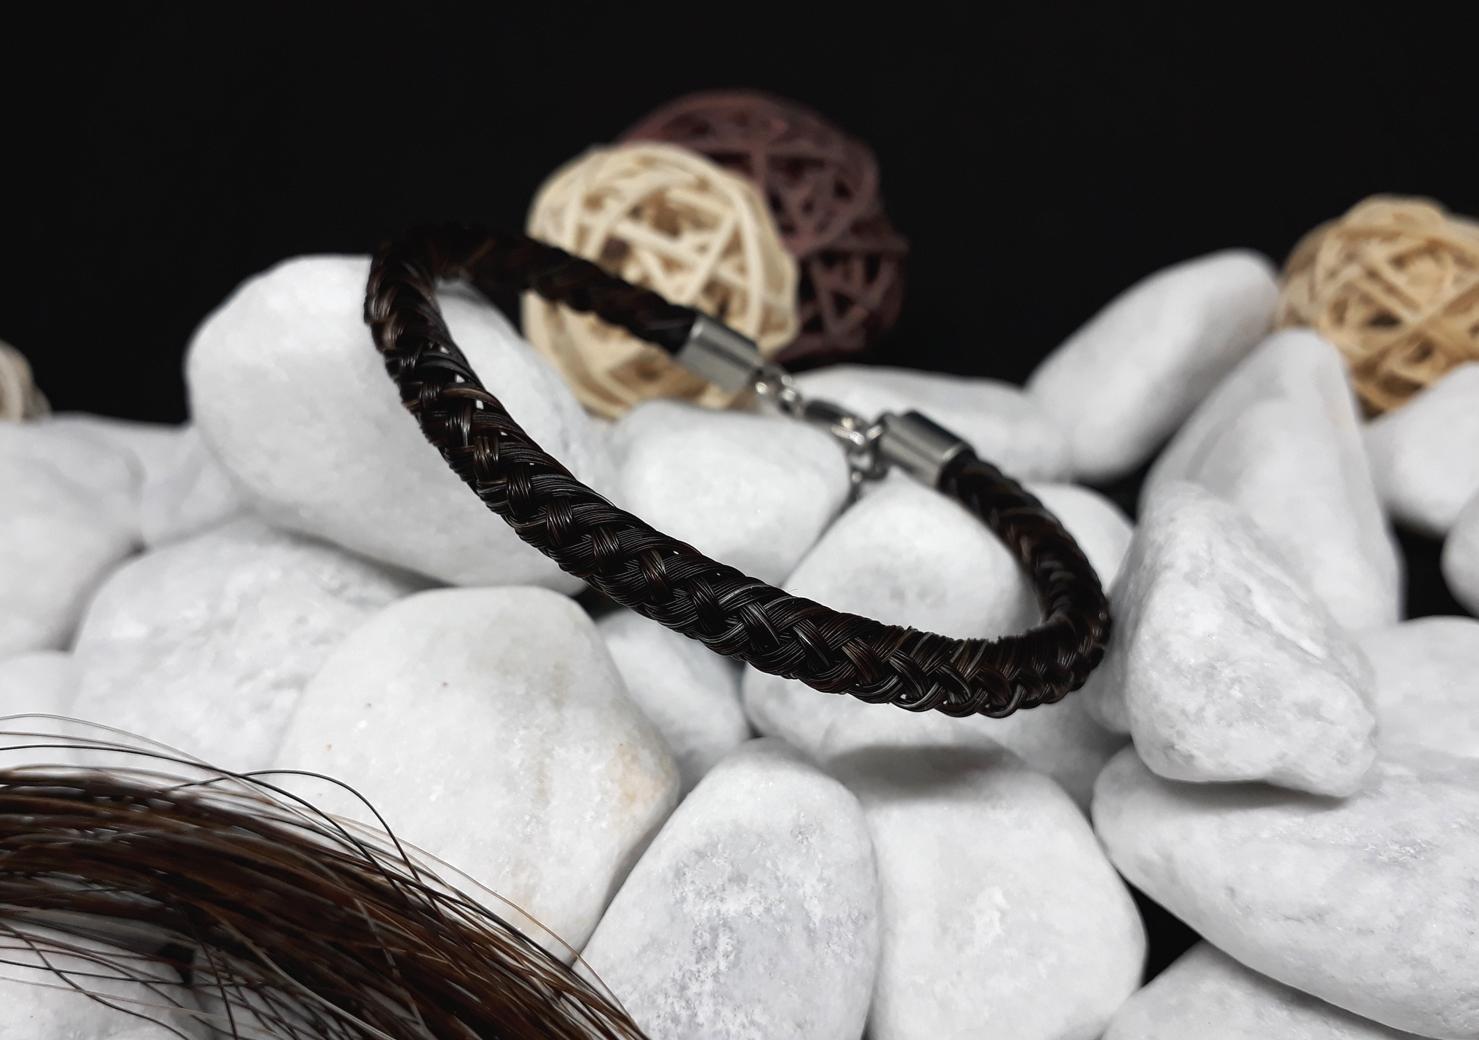 R8-schwarz: Rund geflochtenes Pferdehaar-Armband aus 8 schwarzen Strängen mit einzelnen helleren Haaren, mit Edelstahl-Karabinerverschluss - Preis: 54 Euro